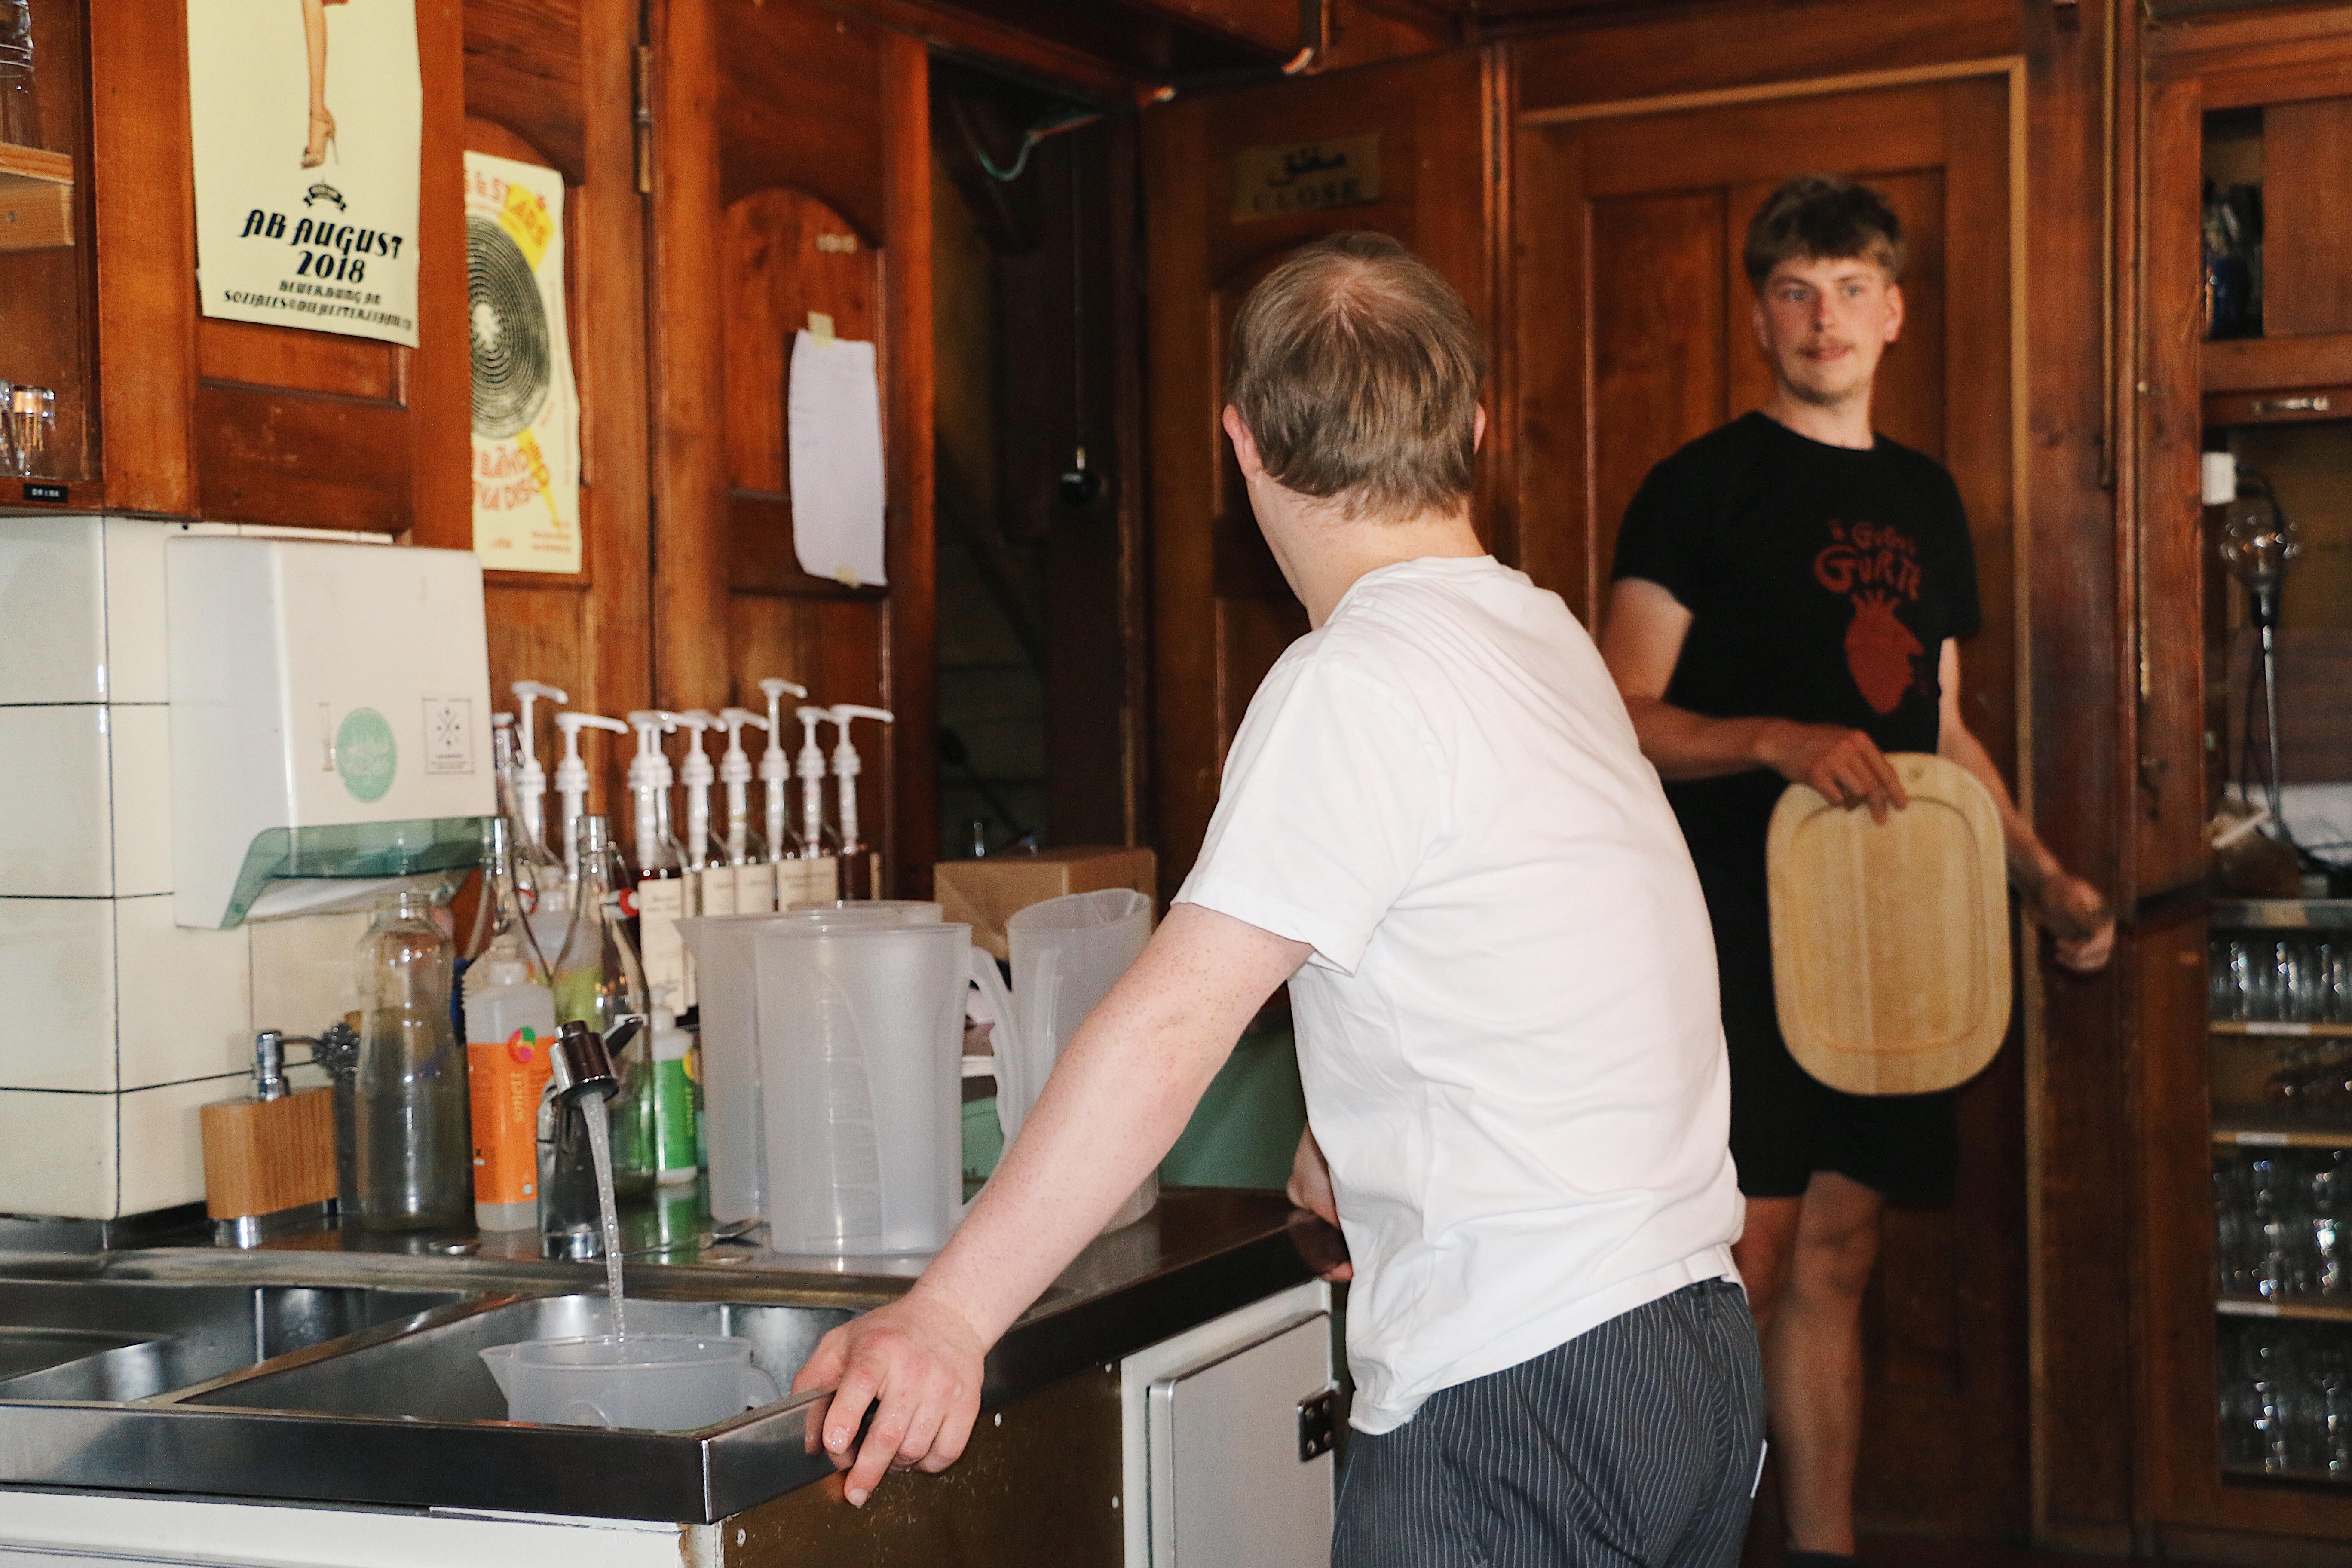 Ein Mitarbeiter füllt an einer Spüle Leitungswasser in einen Behälter. Er hat seine Hände auf die Arbeitsfläche abgestützt und wirkt entspannt. Er schaut zu einem anderen Mitarbeiter, der ein Tablett in der Hand hält und gerade den Raum betritt.